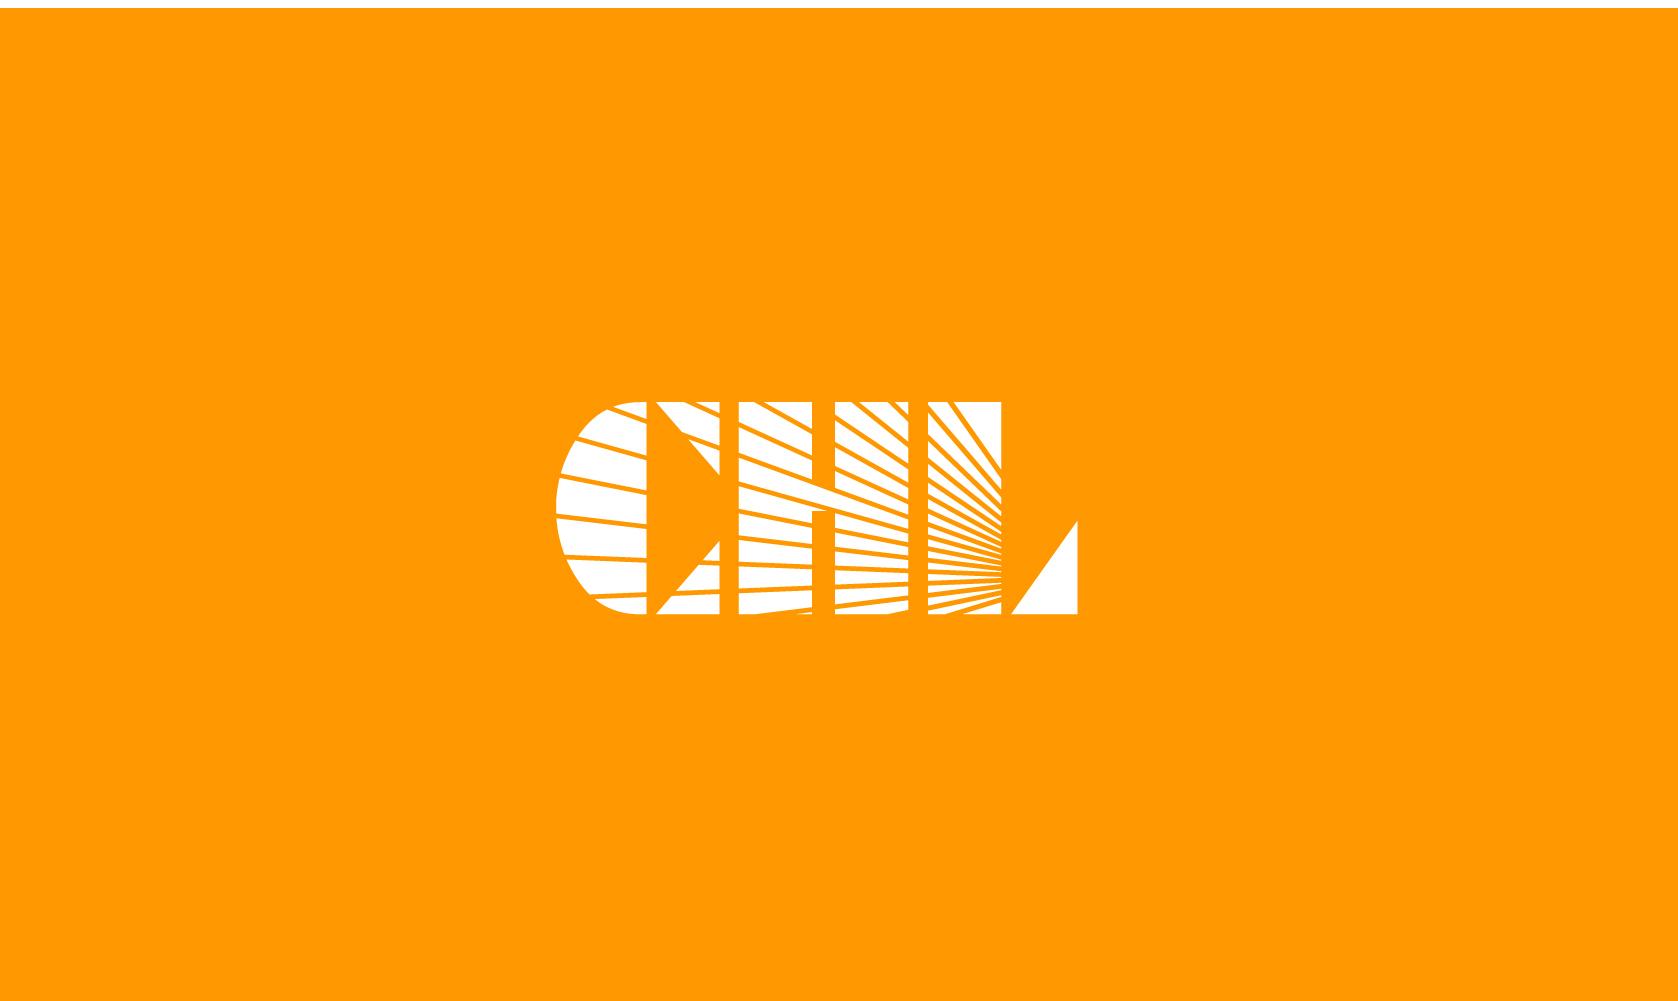 разработка логотипа для производителя фар фото f_2075f5b2822b0397.jpg